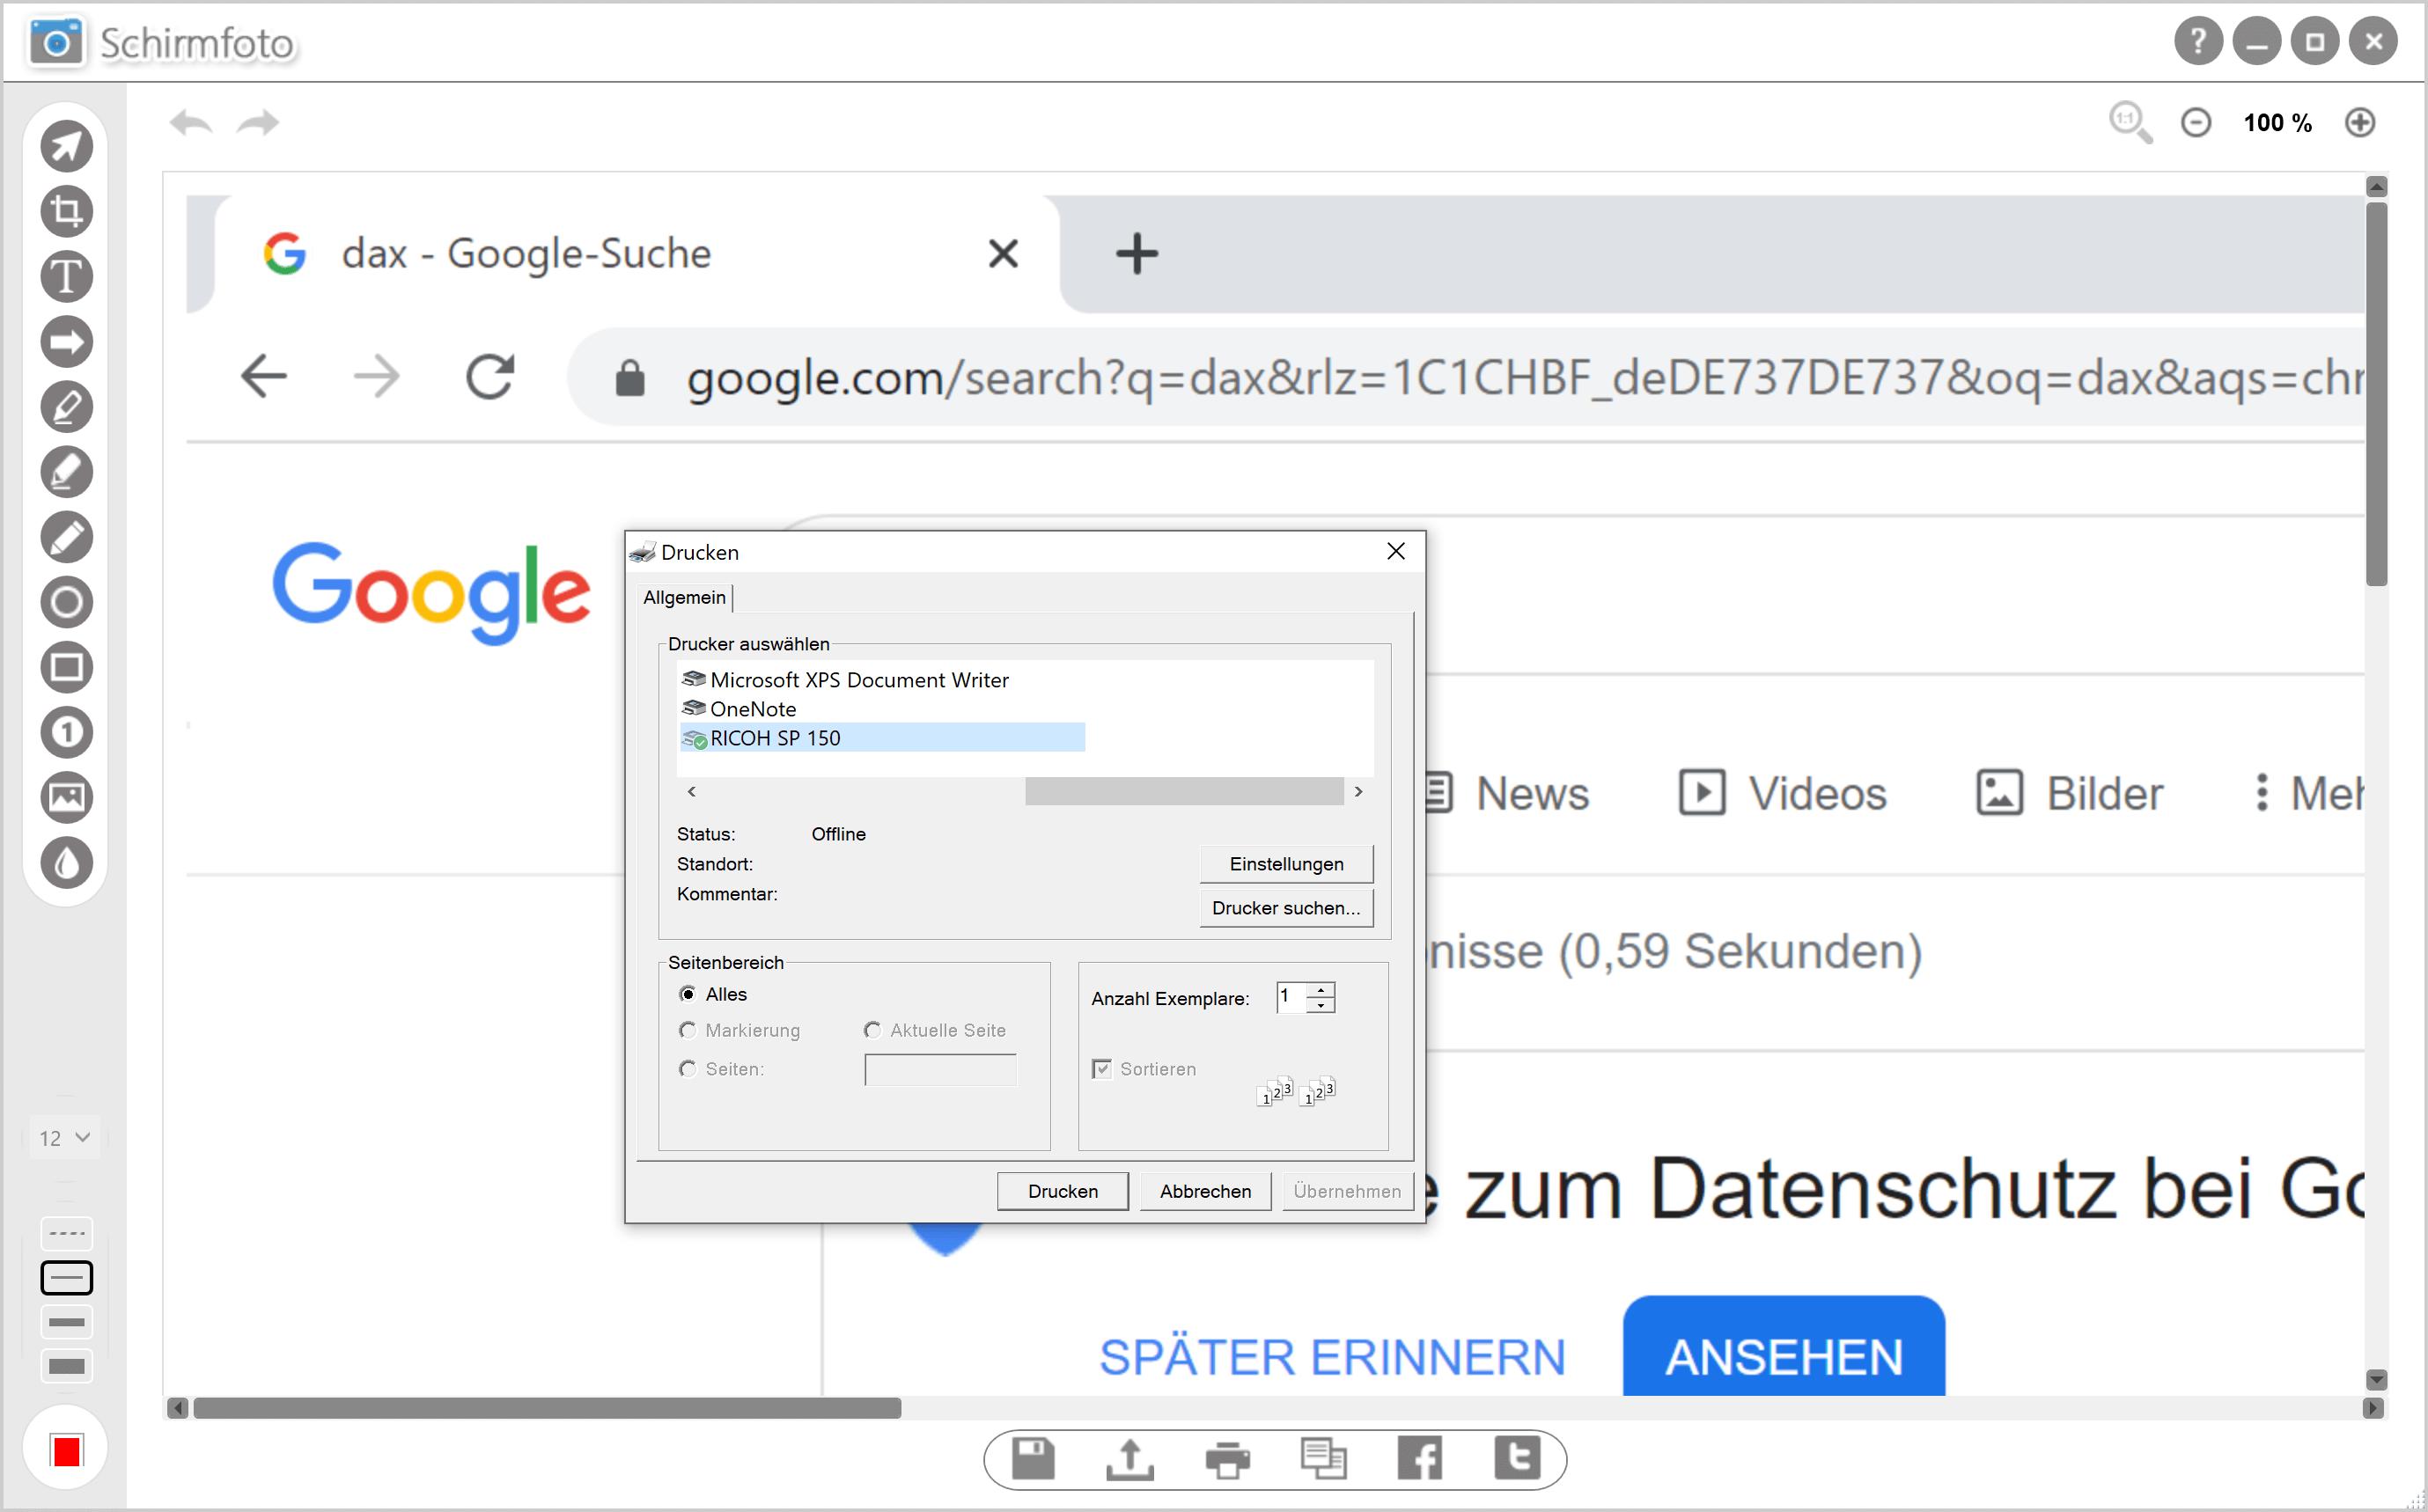 Screenshot ausdrucken - Drucker auswählen